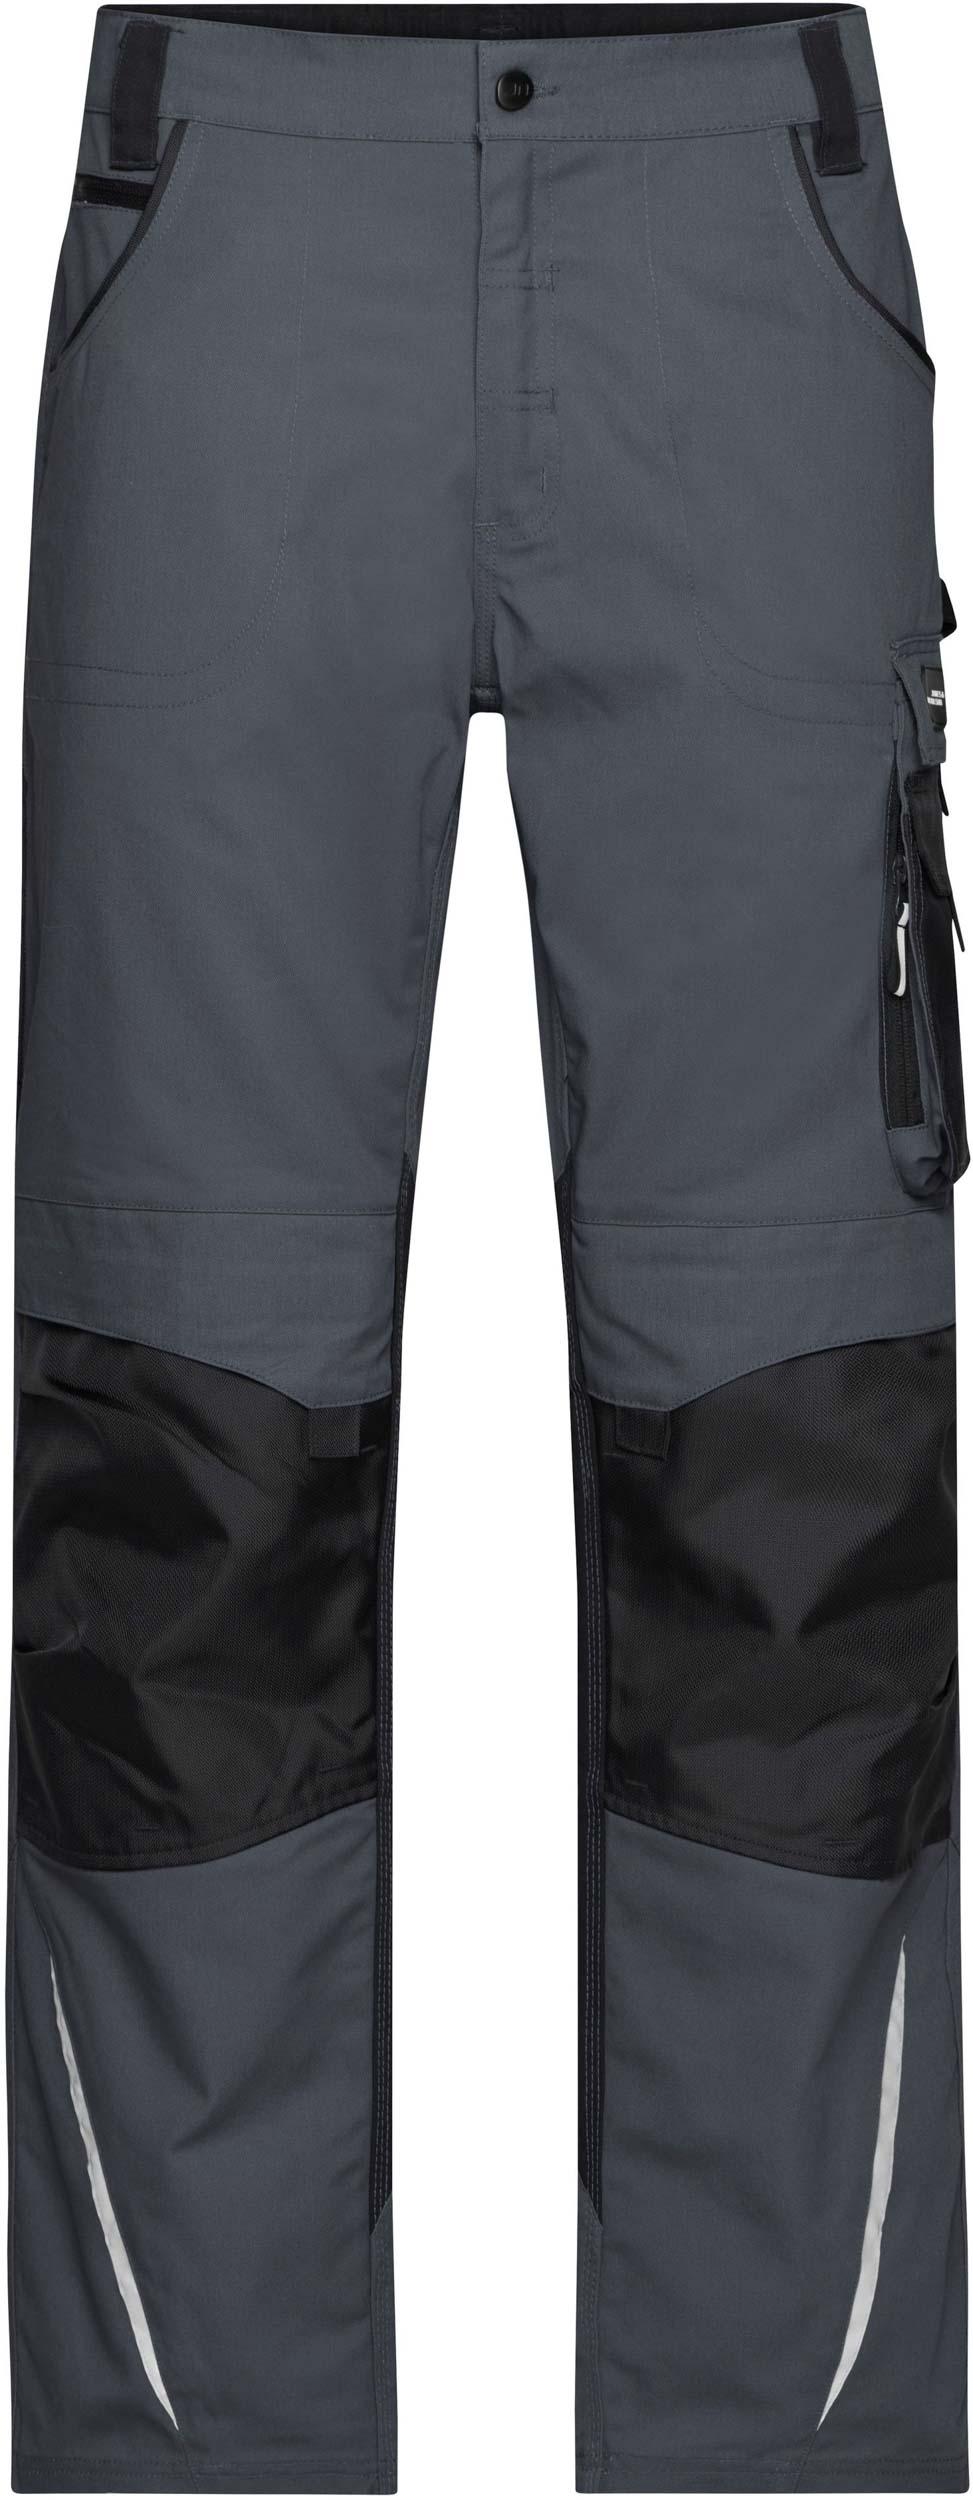 Pracovní kalhoty James & Nicholson Workwear Carbon